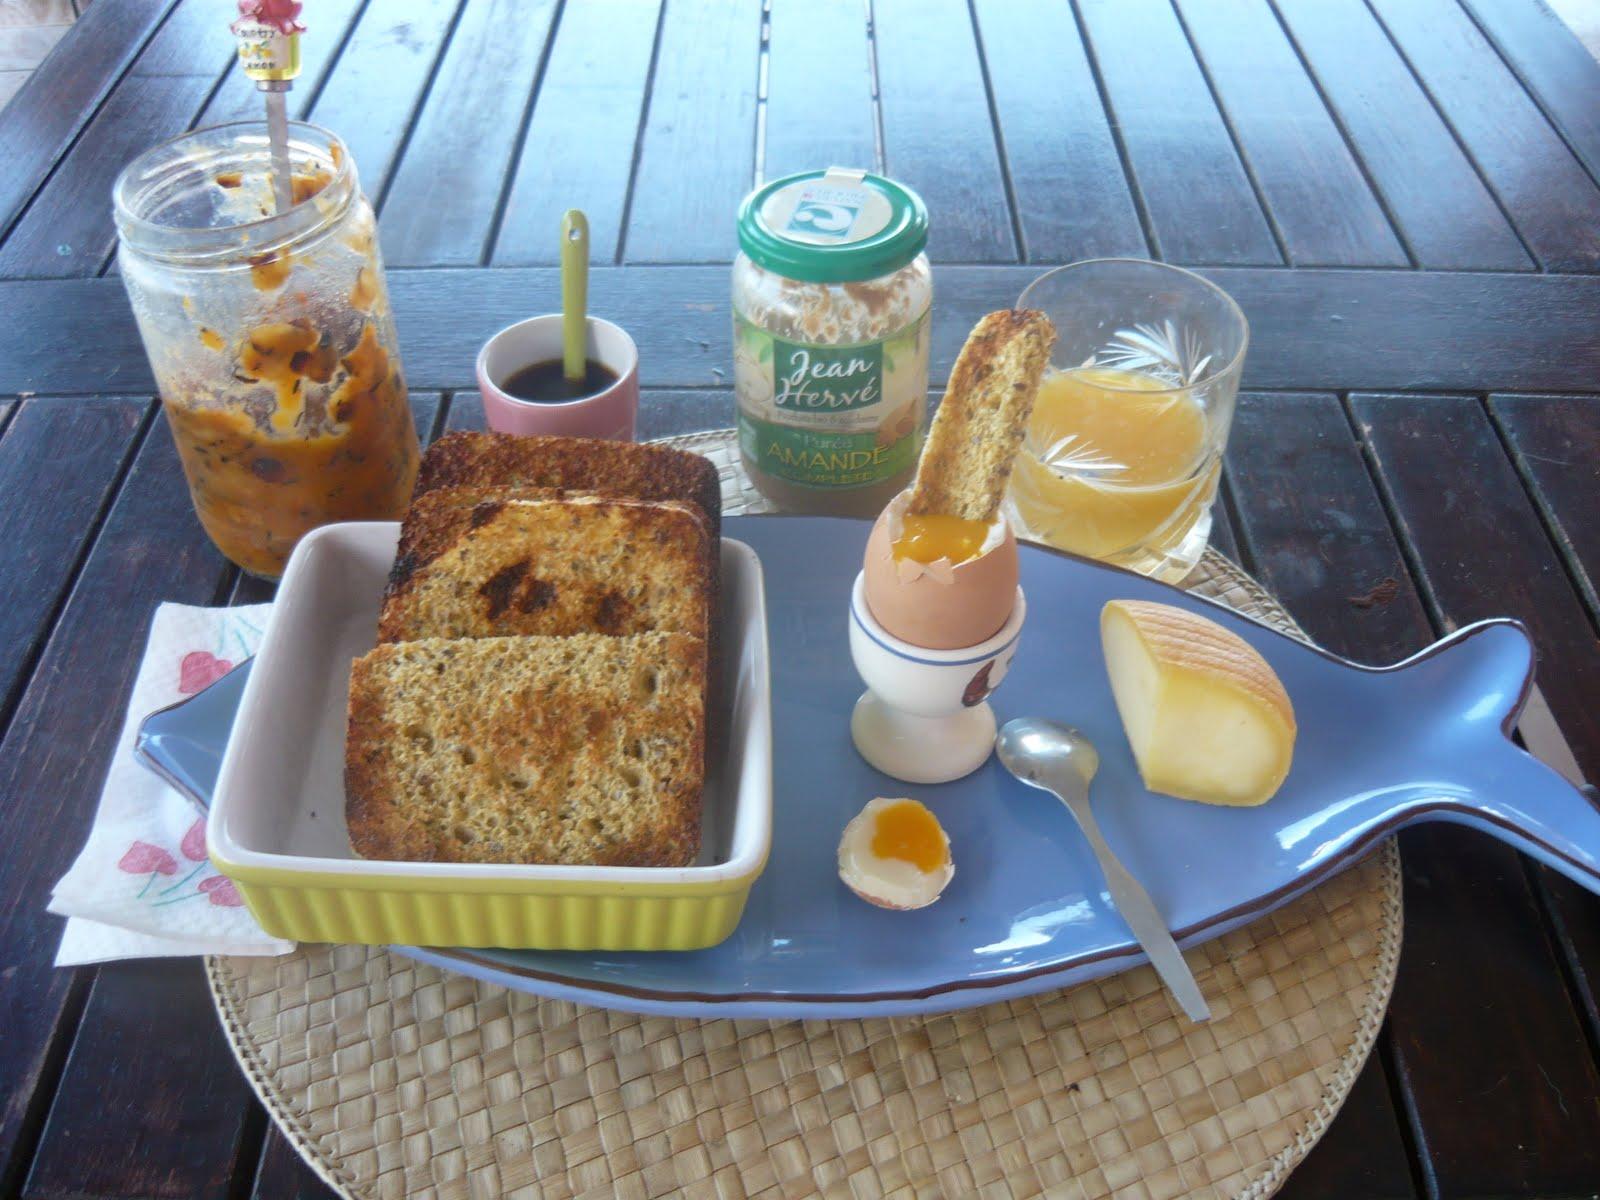 Maigrir avec la méthode Montignac phase 1.: Petit déjeuner